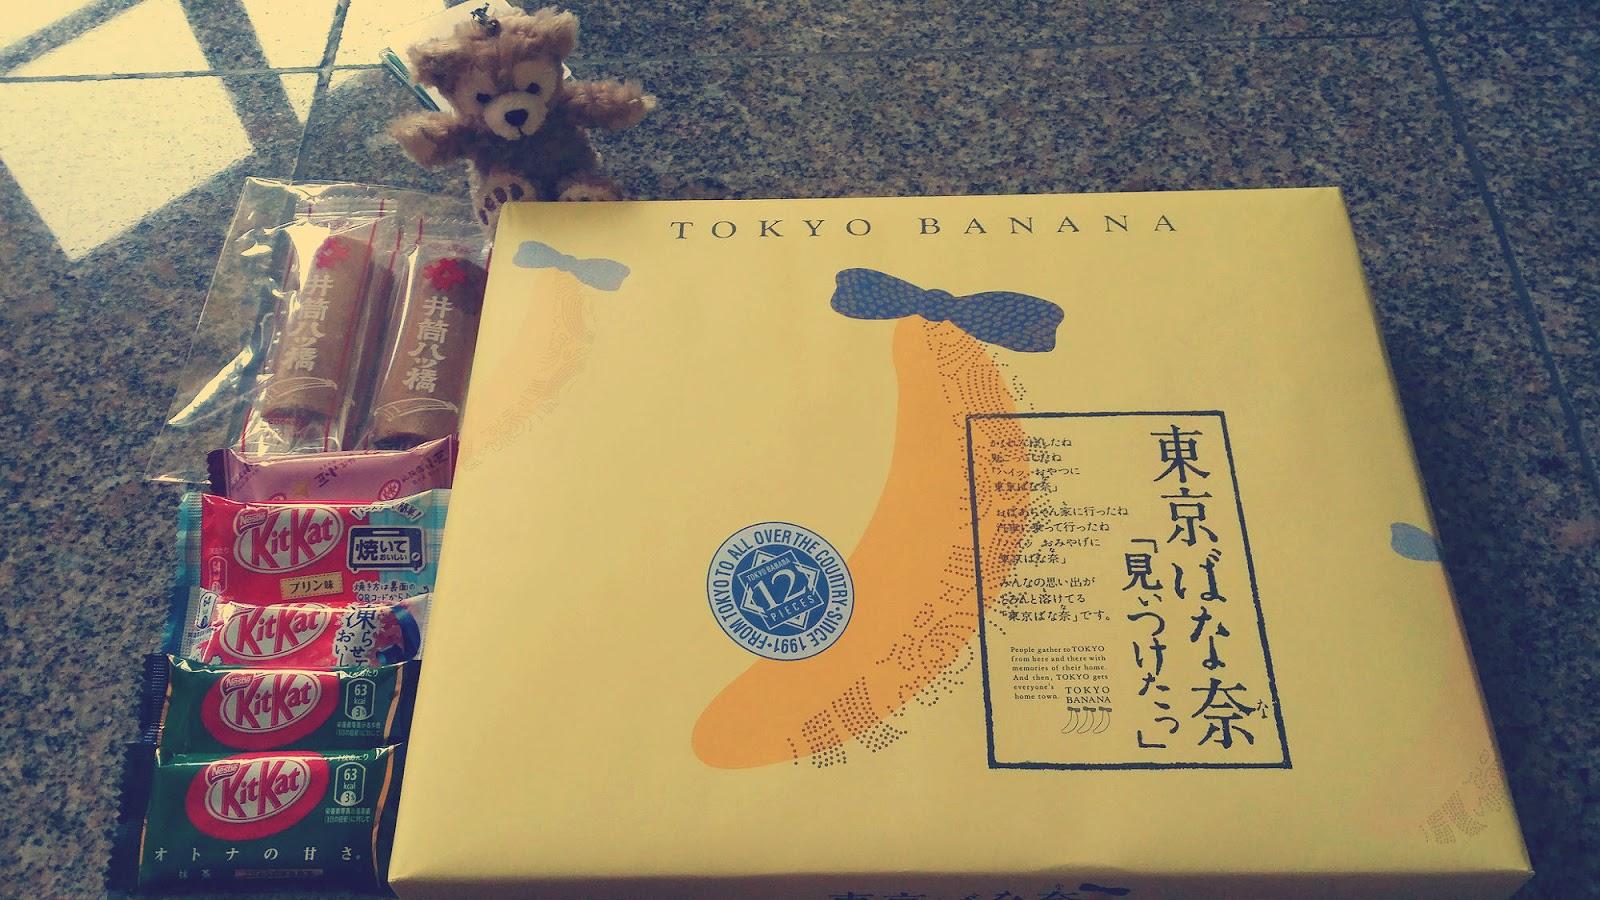 tokyo banana duffy bear